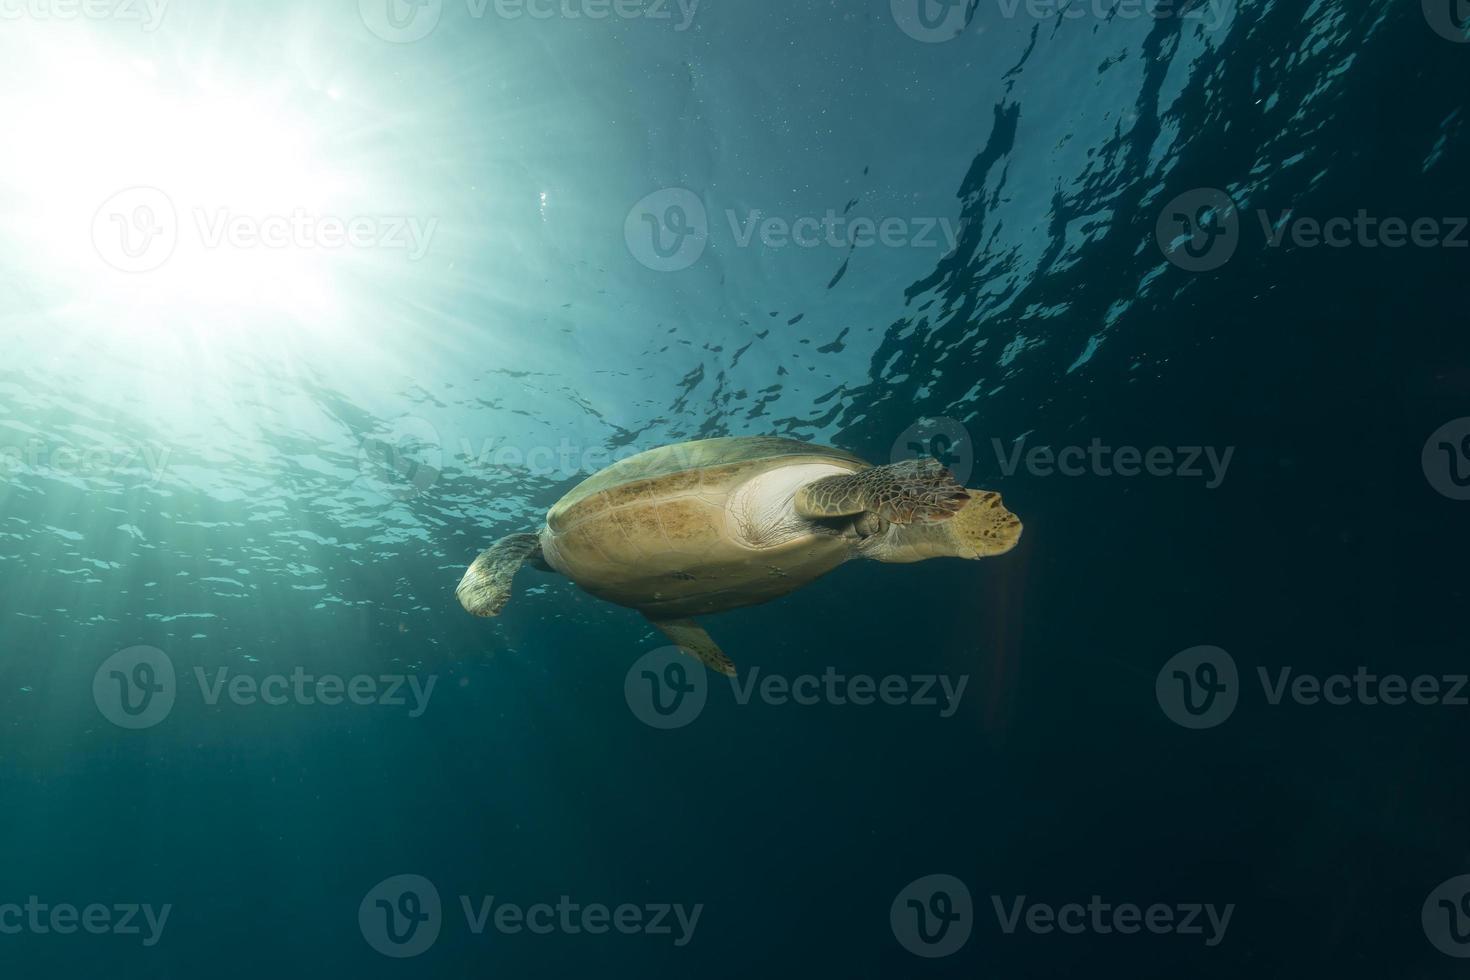 kvinnlig grön sköldpadda i Röda havet. foto